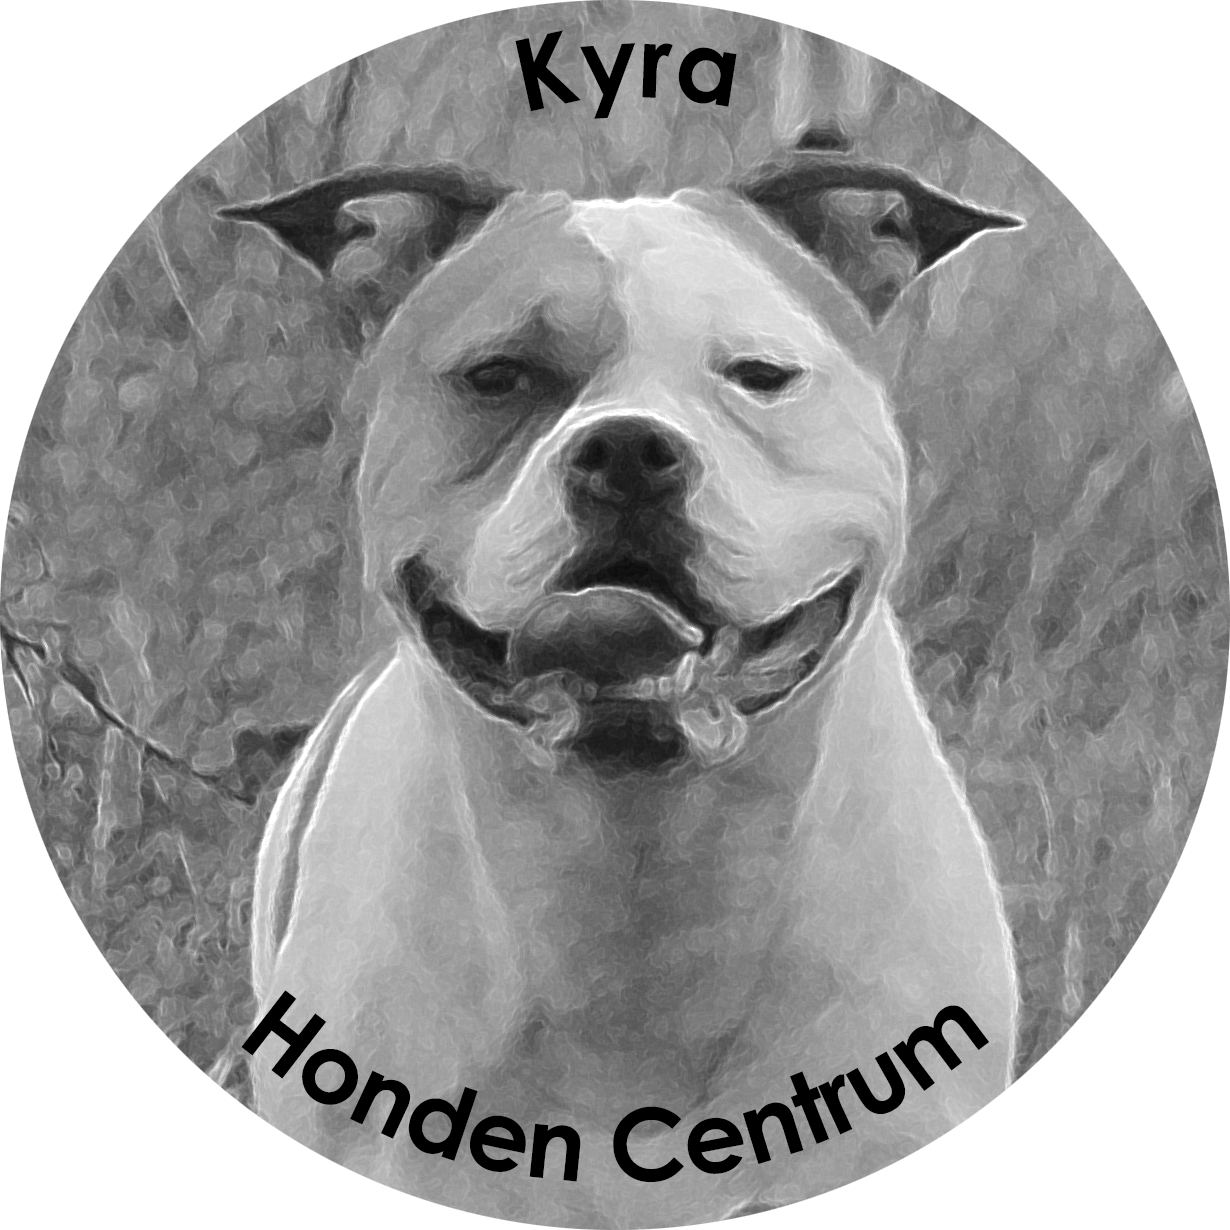 Kyra Honden Centrum